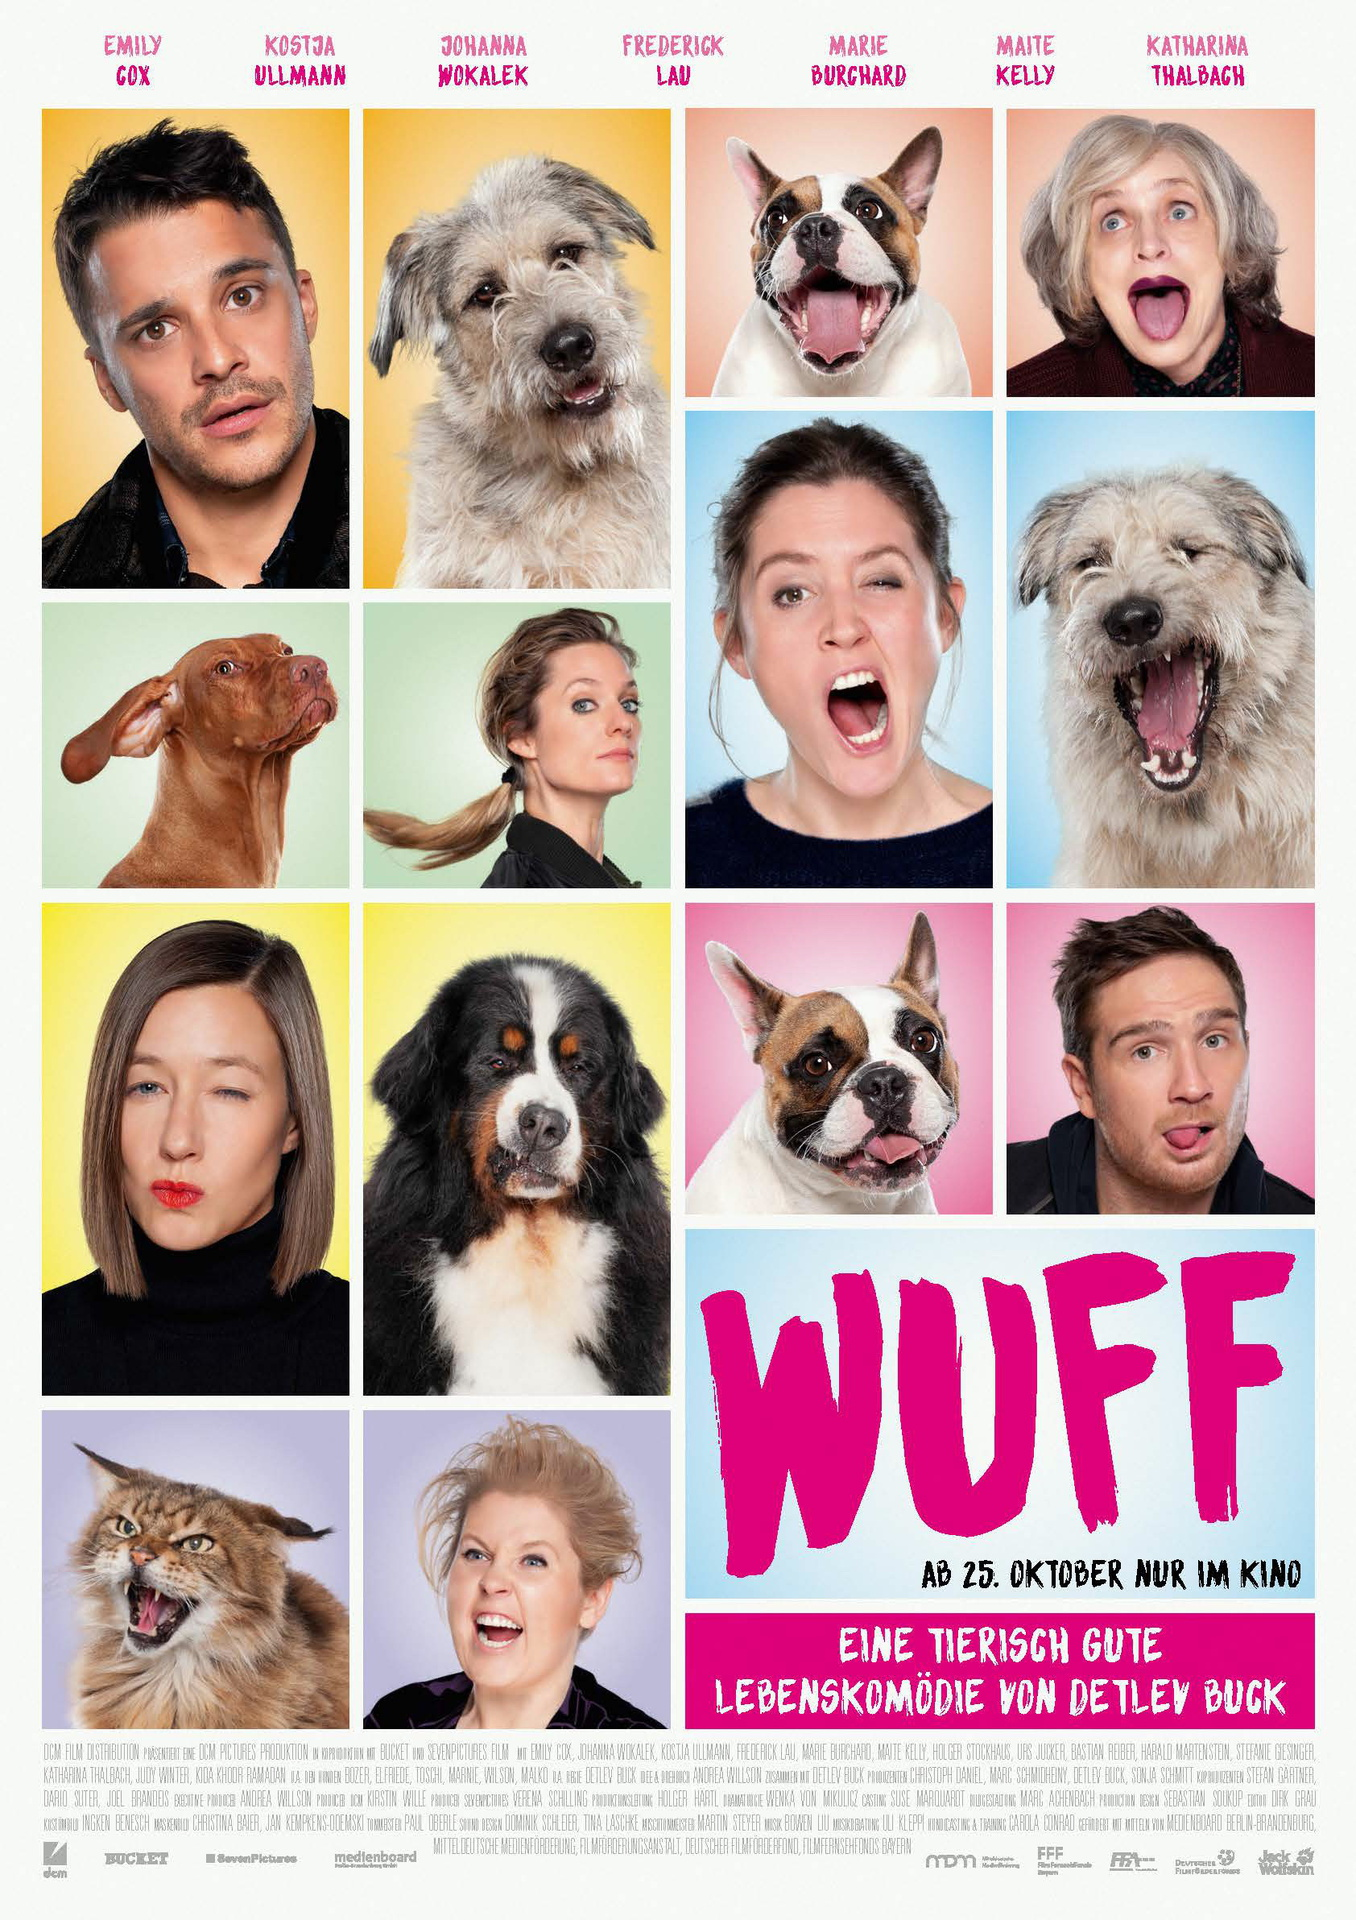 Wuff - Folge dem Hund